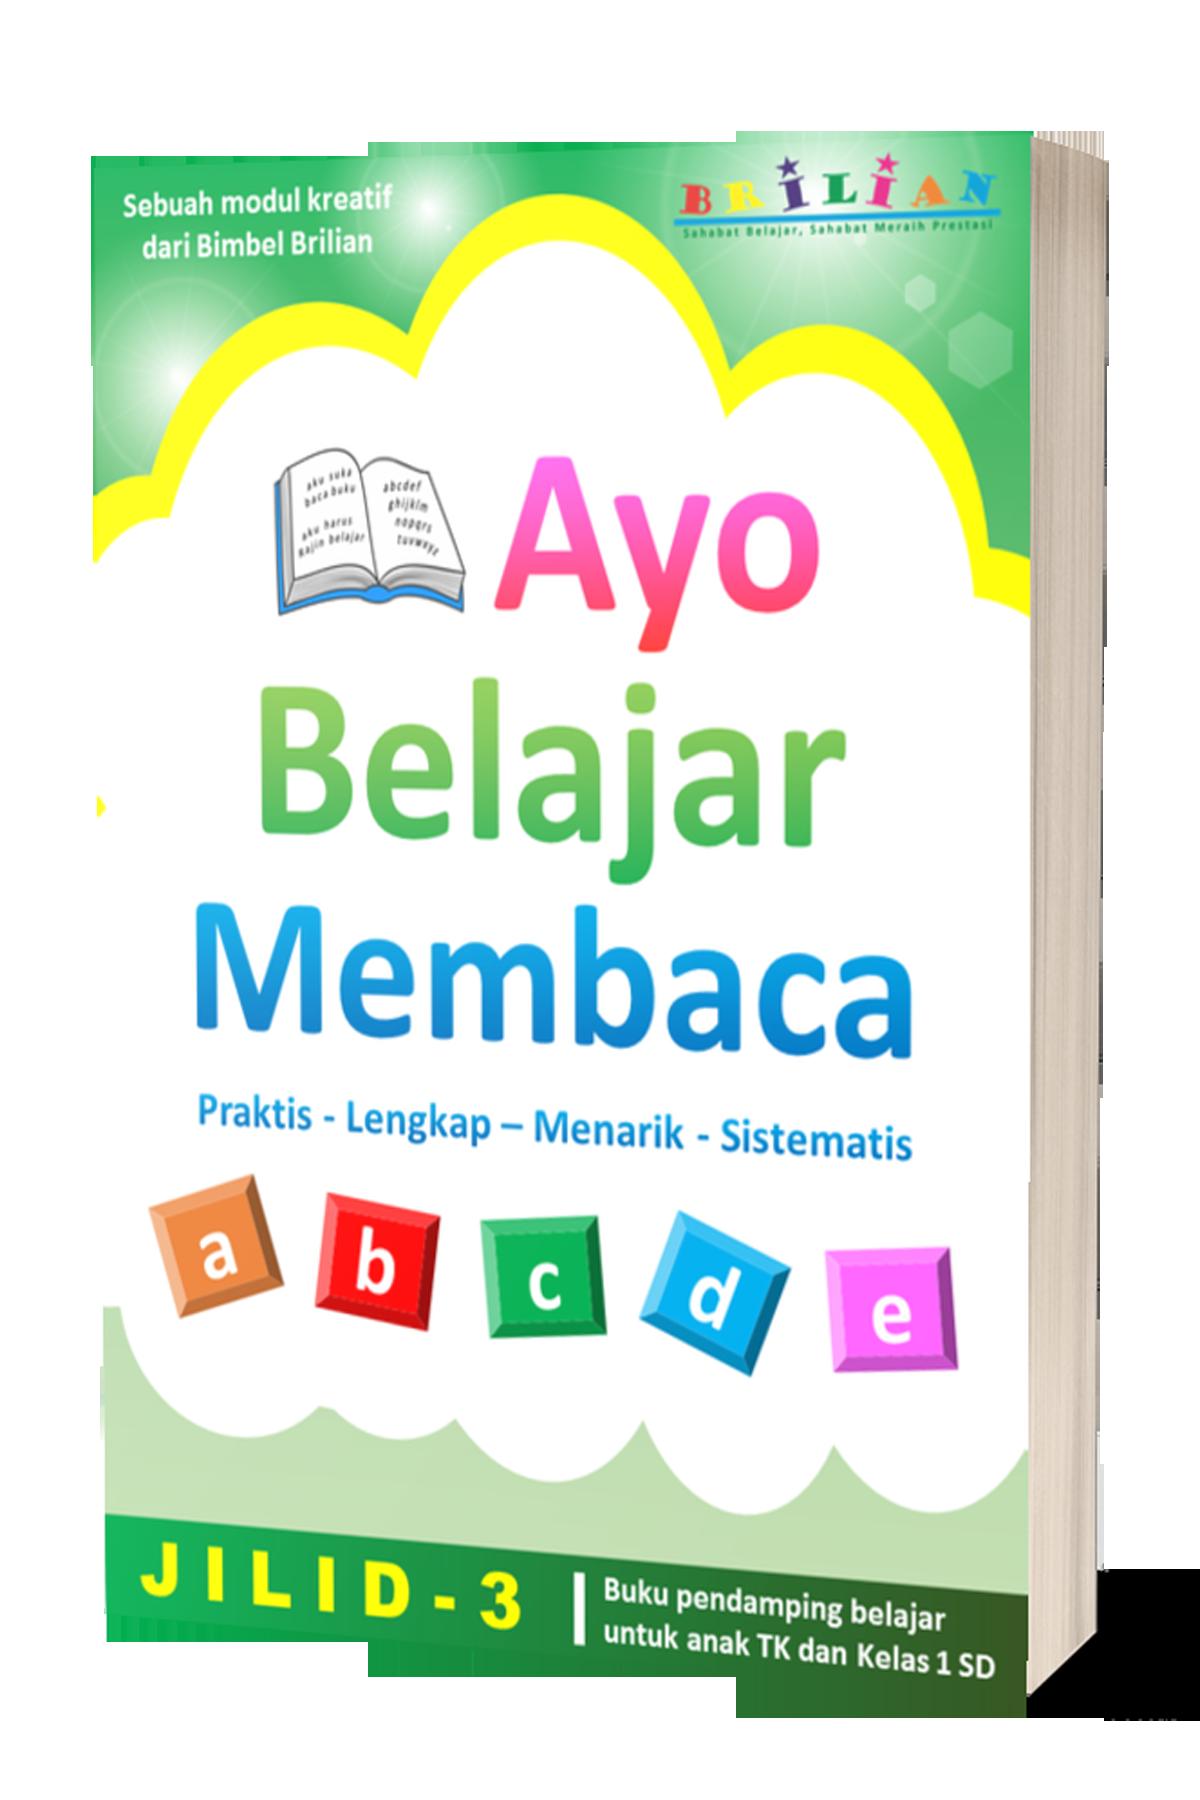 Modul Belajar Membaca Jilid 1